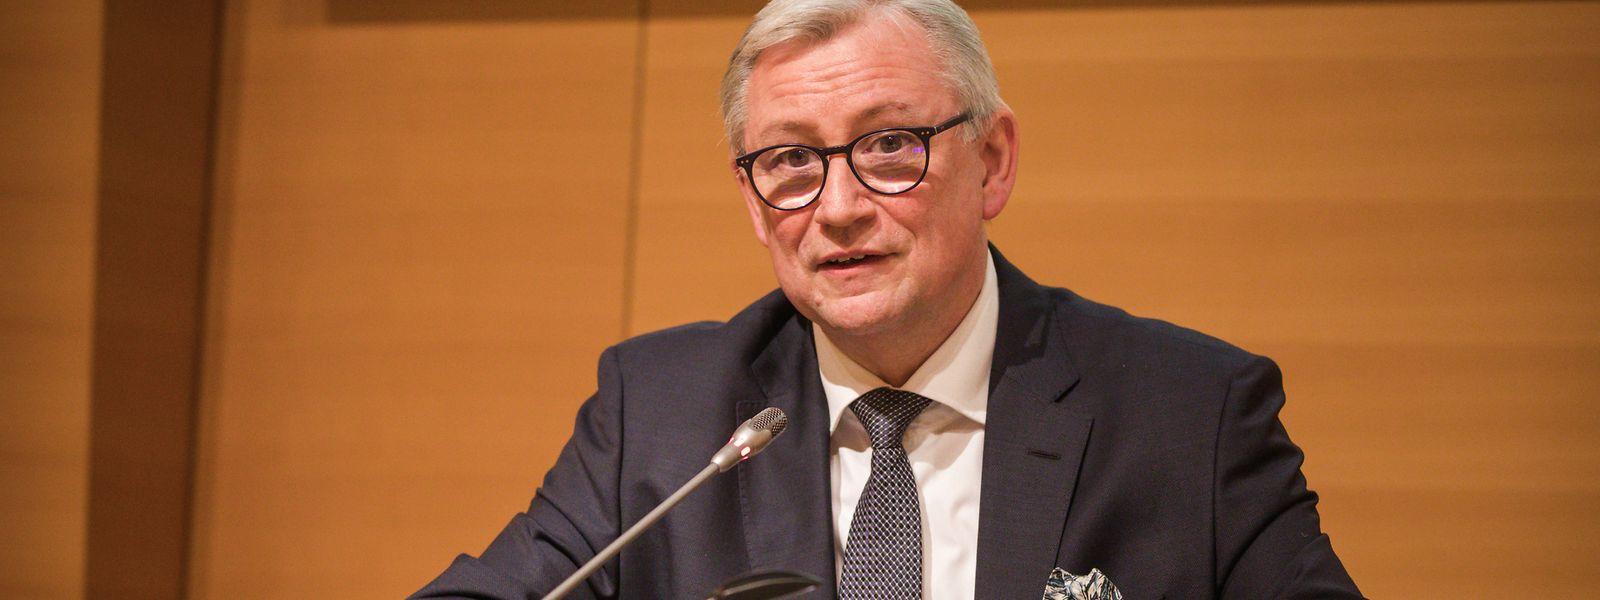 Les difficultés de l'Horesca pour trouver du personnel ne concernent pas que le Luxembourg, puisqu'«il manque en Europe 500.000 employés qualifiés», indique François Koepp.